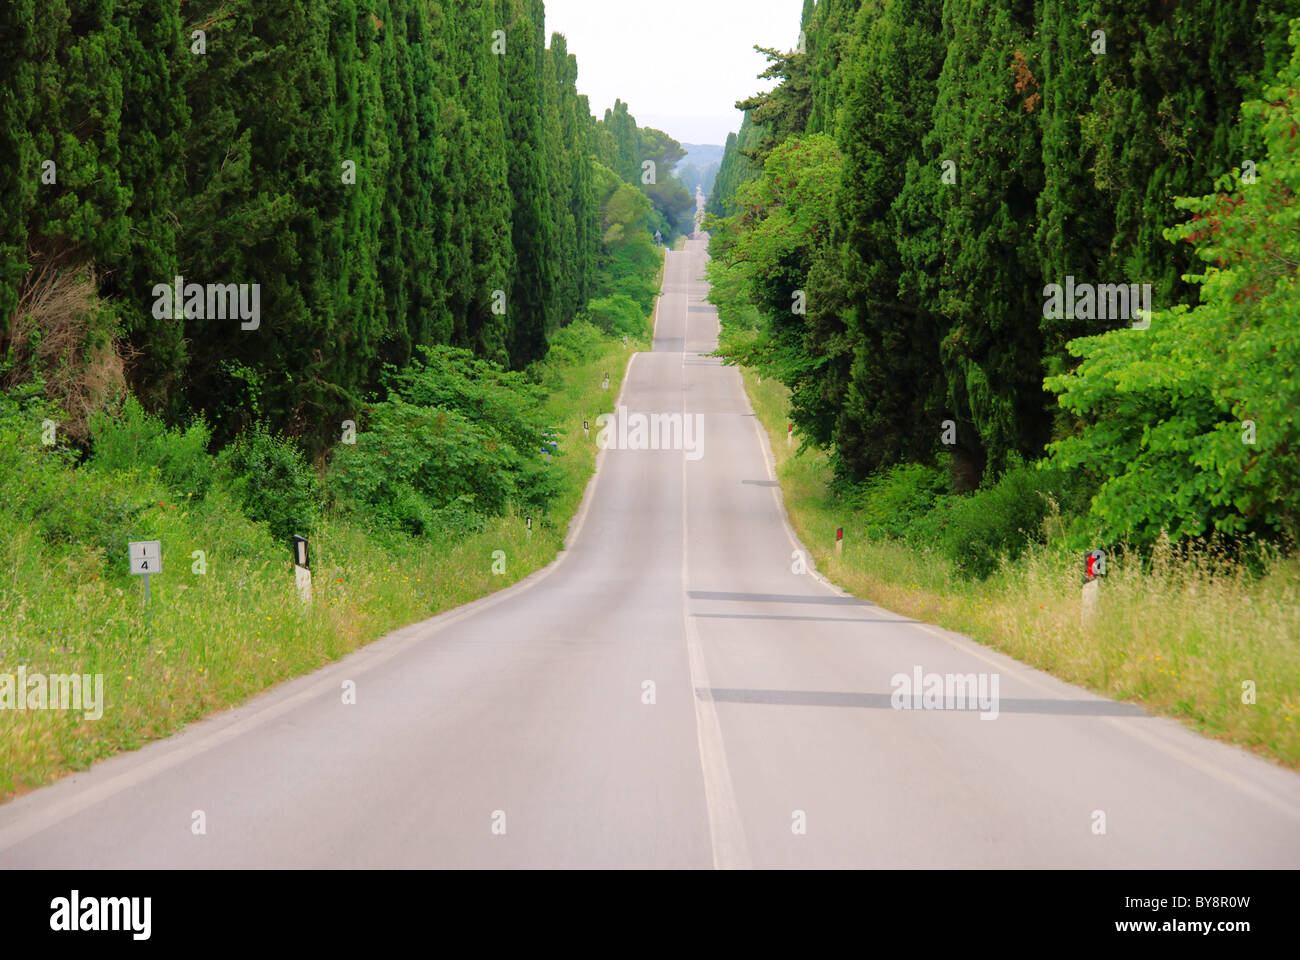 Zypressenallee Laengste saufen - längste Zypressenallee aus Italien 01 Stockbild